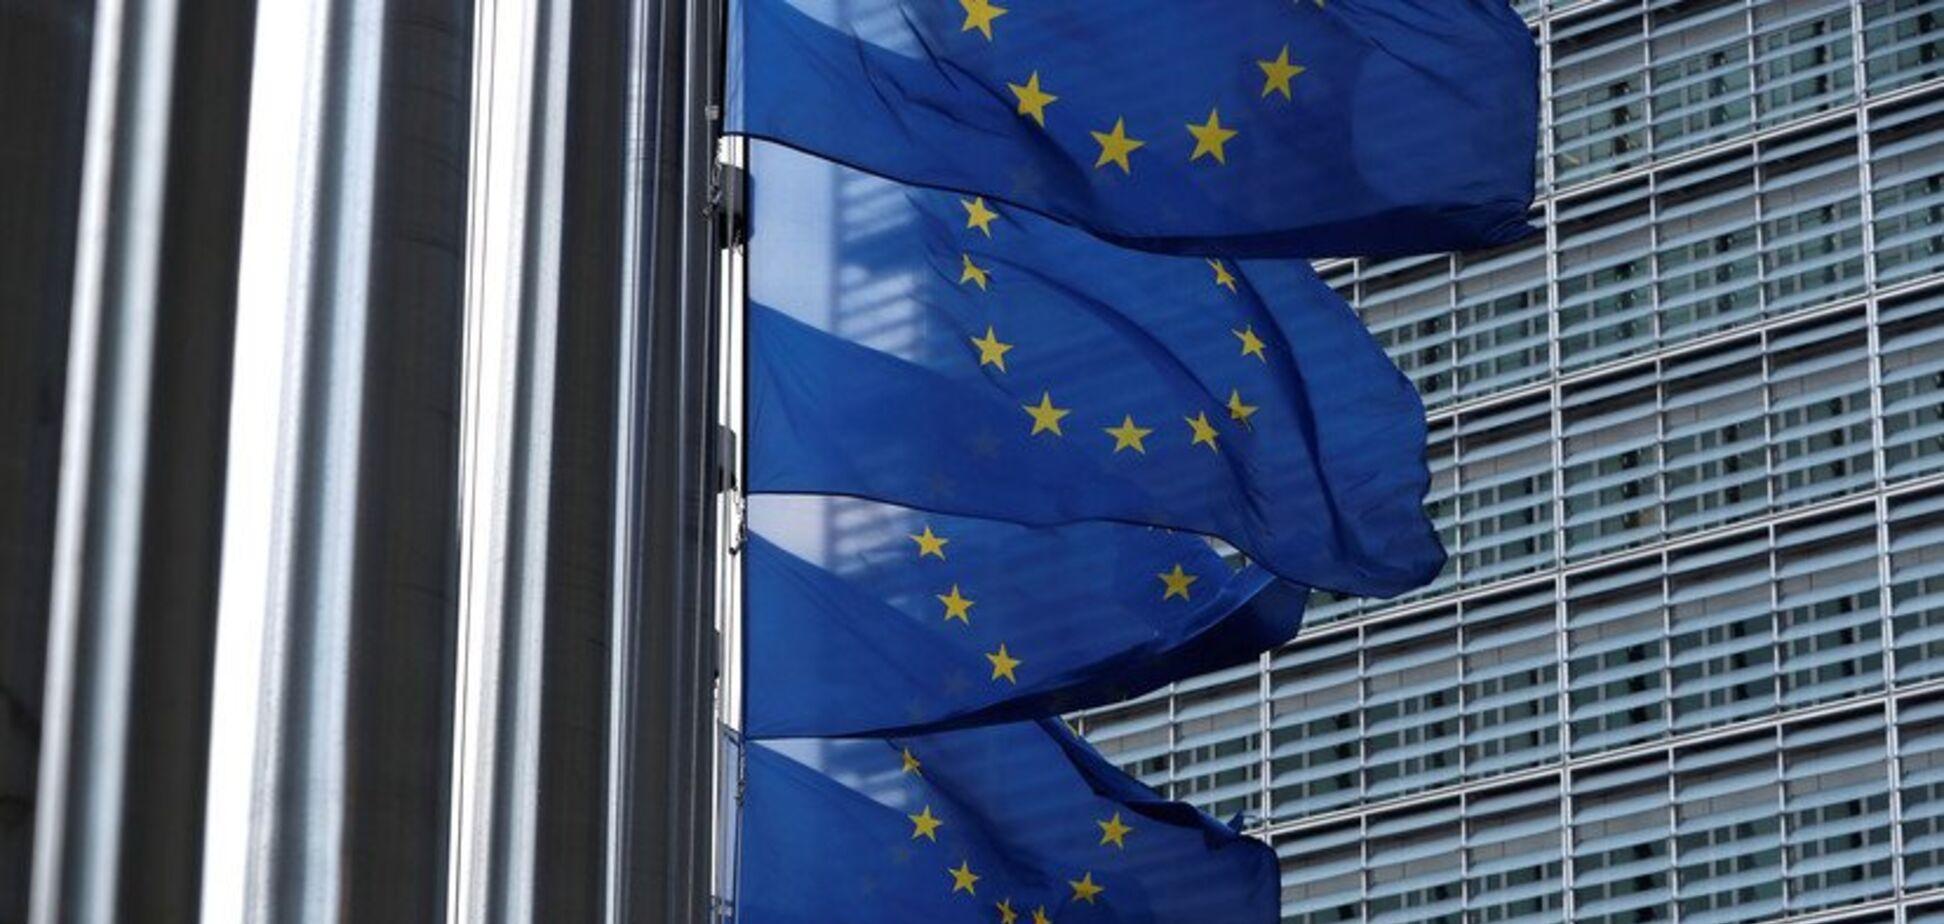 Російських шпигунів покарають: у ЄС затвердили найсильніші санкції за хімзброю